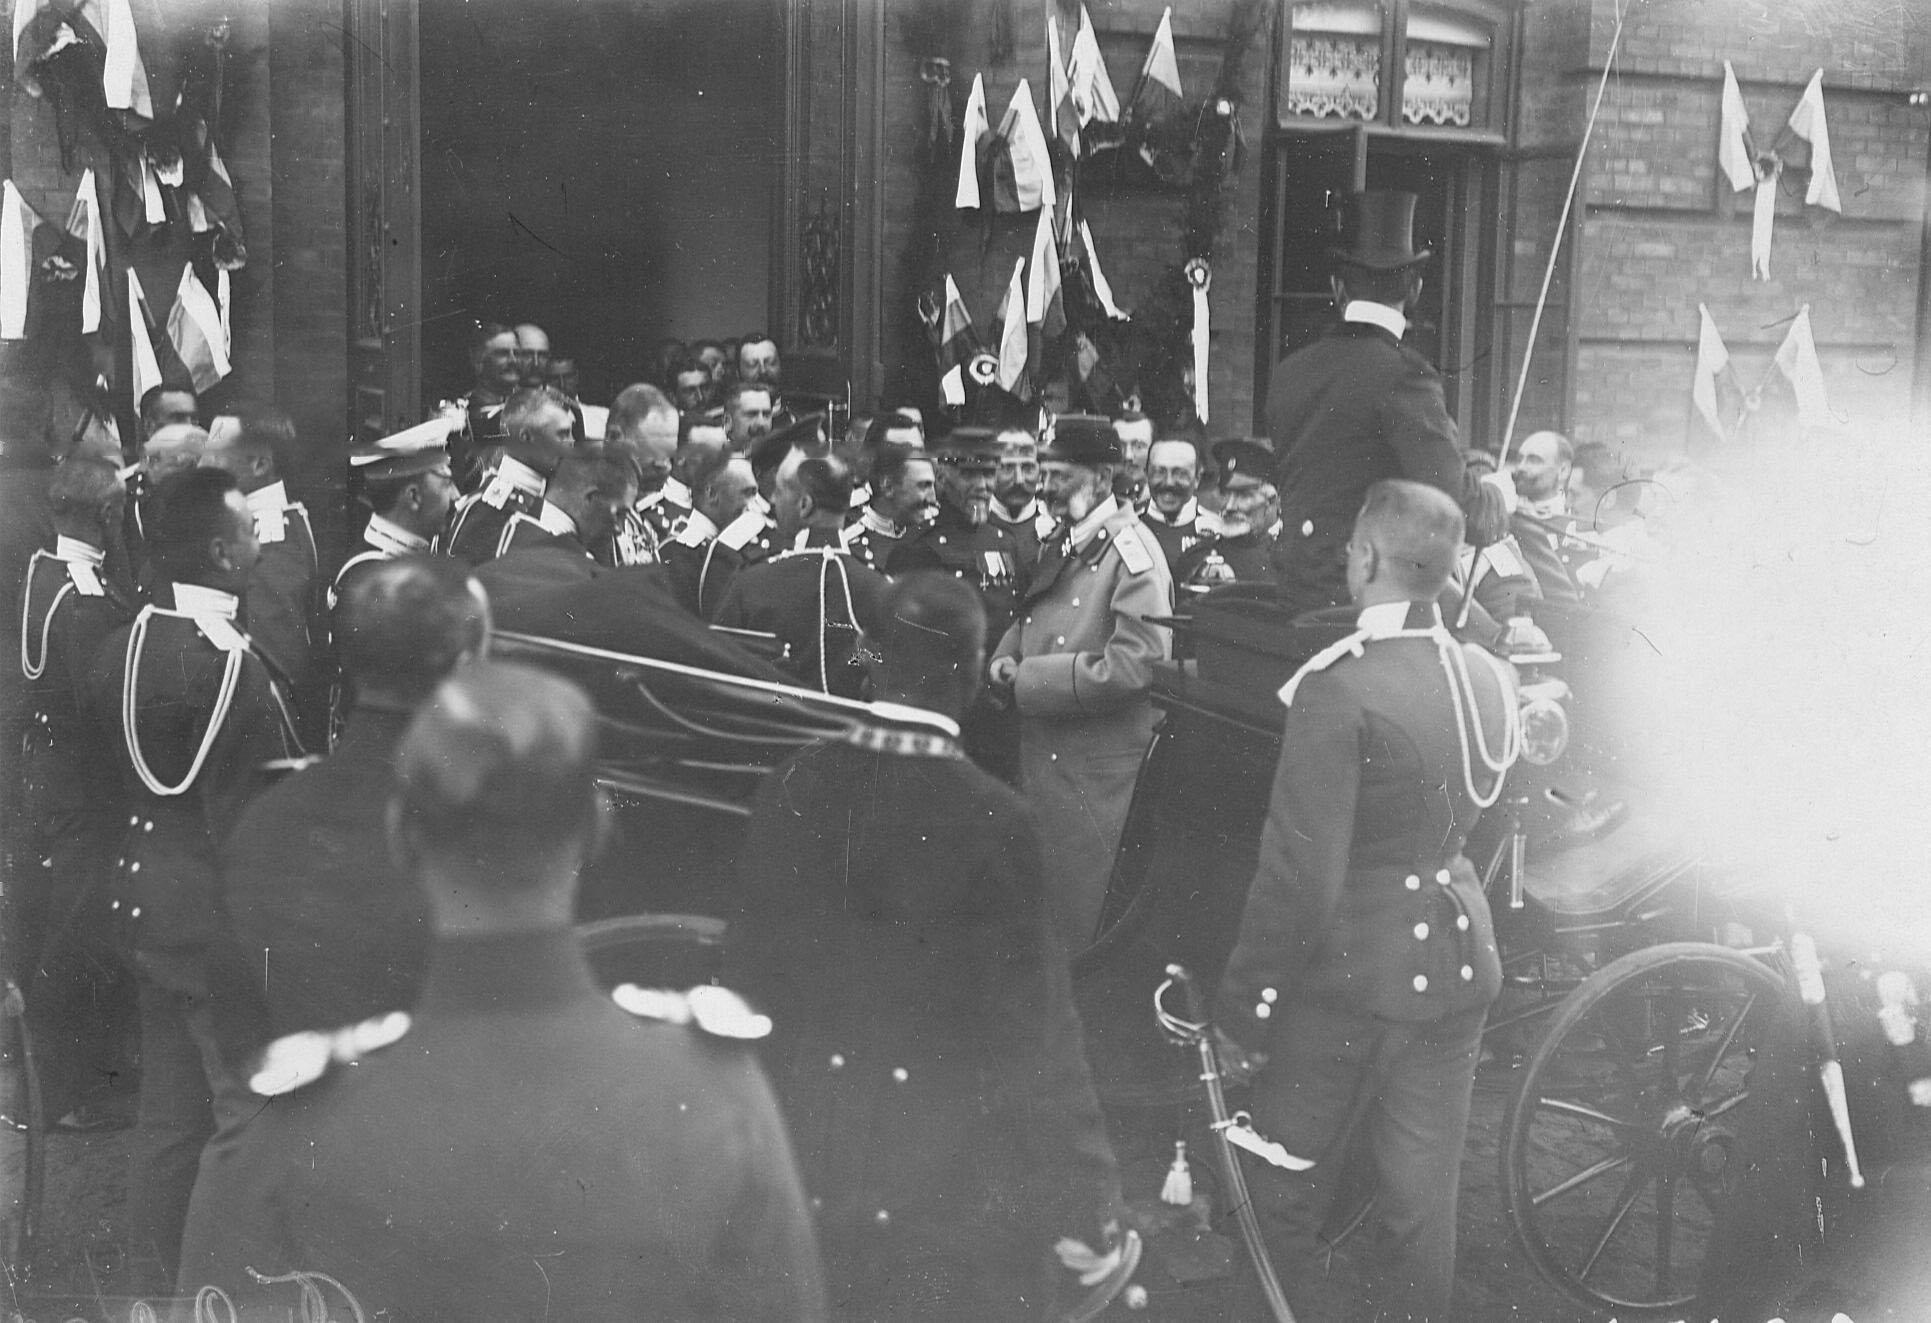 Офицеры Уланского полка встречают великого князя Владимира Александровича, приехавшего на торжество в честь празднования 250-летнего юбилея полка